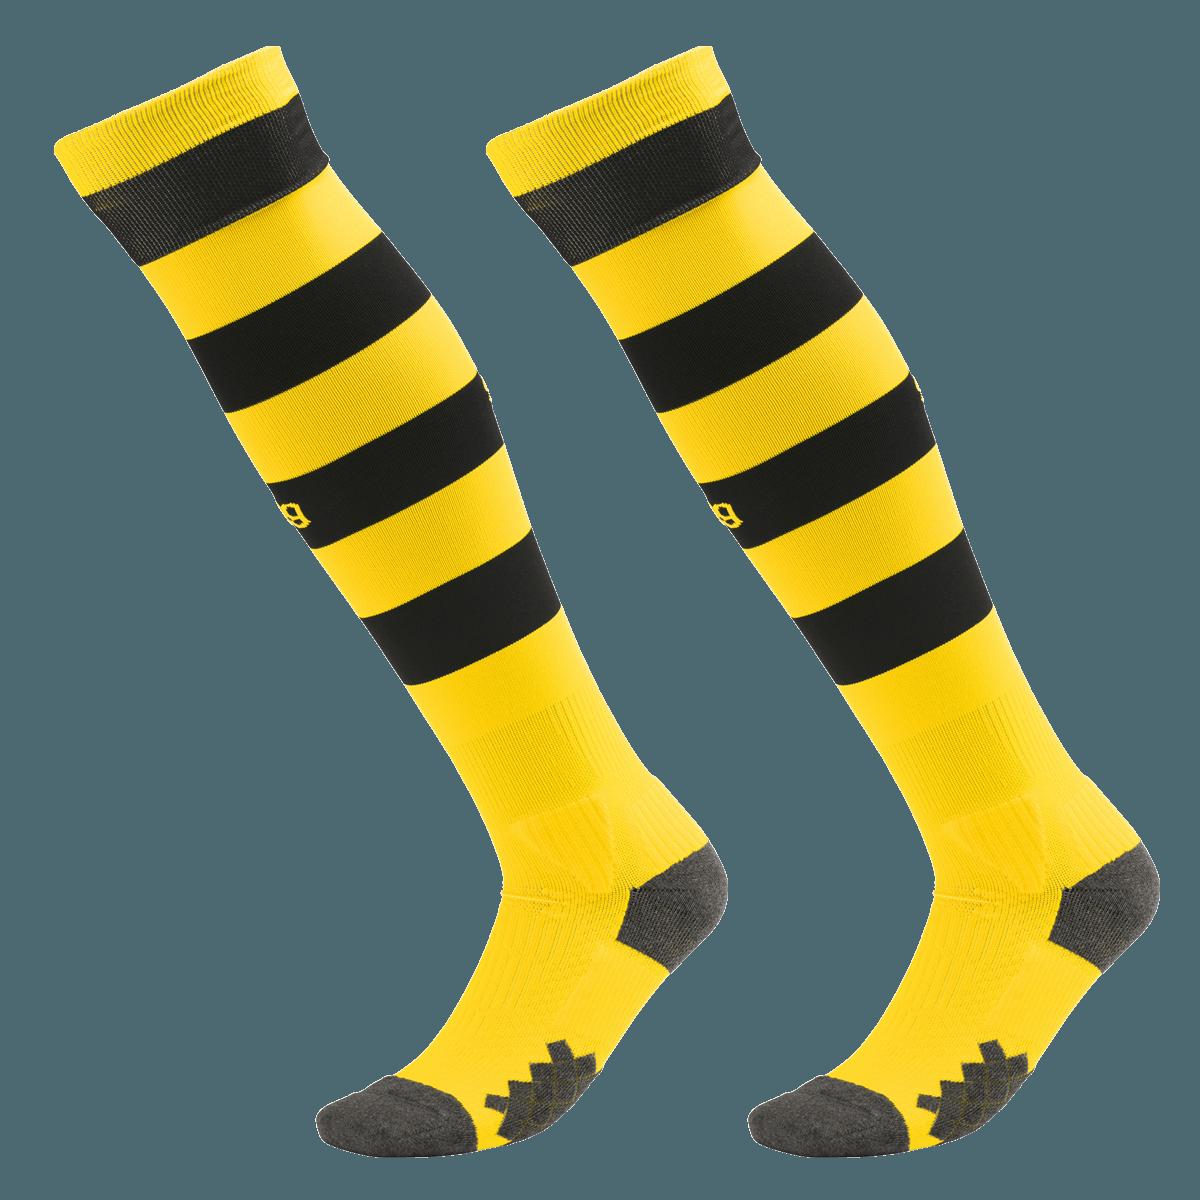 Puma Offiziell Kinder BVB Borussia Dortmund Heim Fußball Socken Stutzen 2019-20